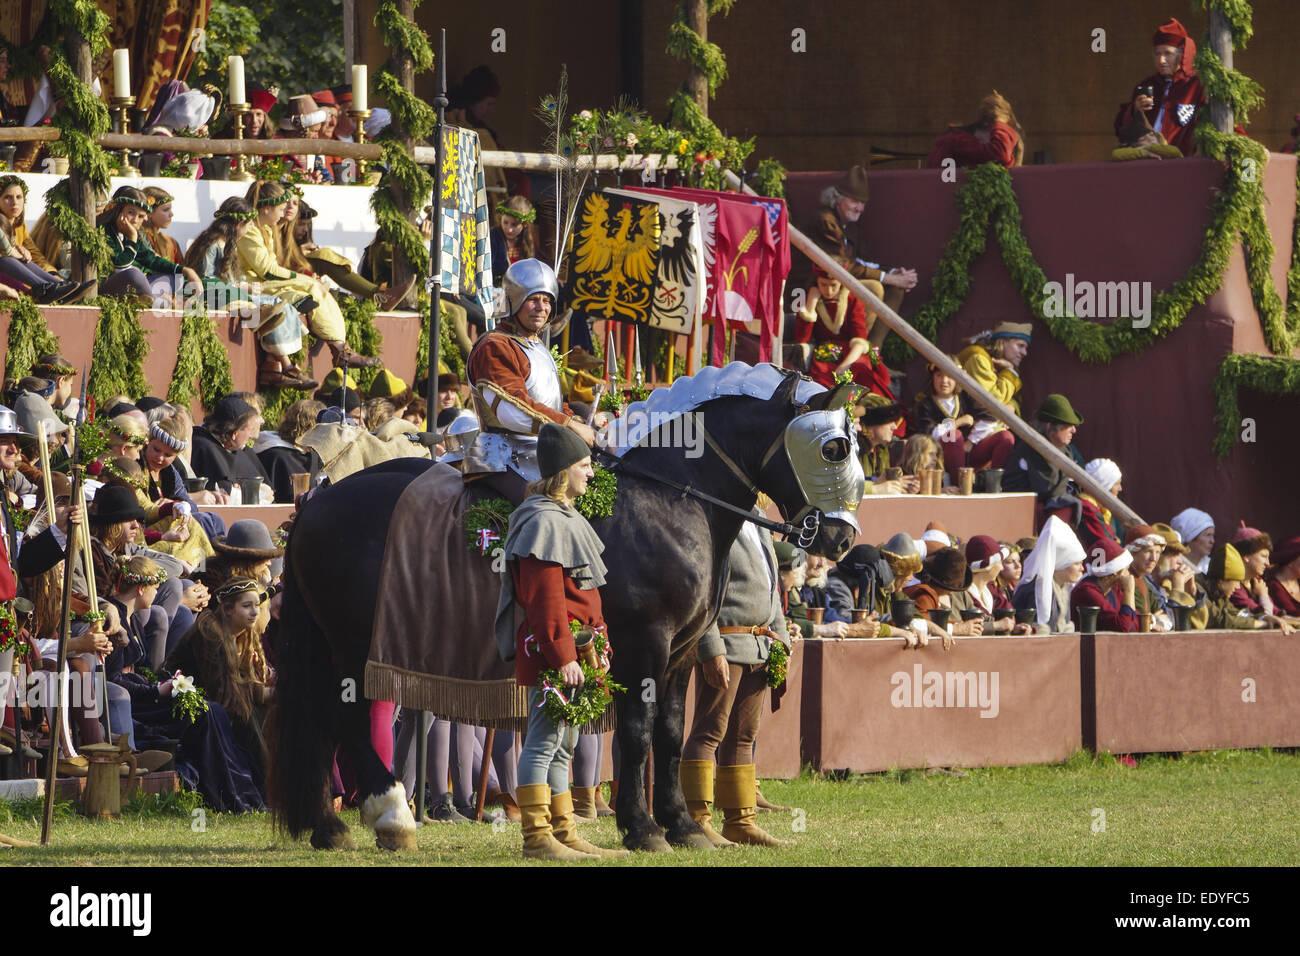 Mittelalterliche Spiele während der Landshuter Hochzeit in Landshut, Niederbayern, Bayern, Deutschland, Europa, Stock Photo